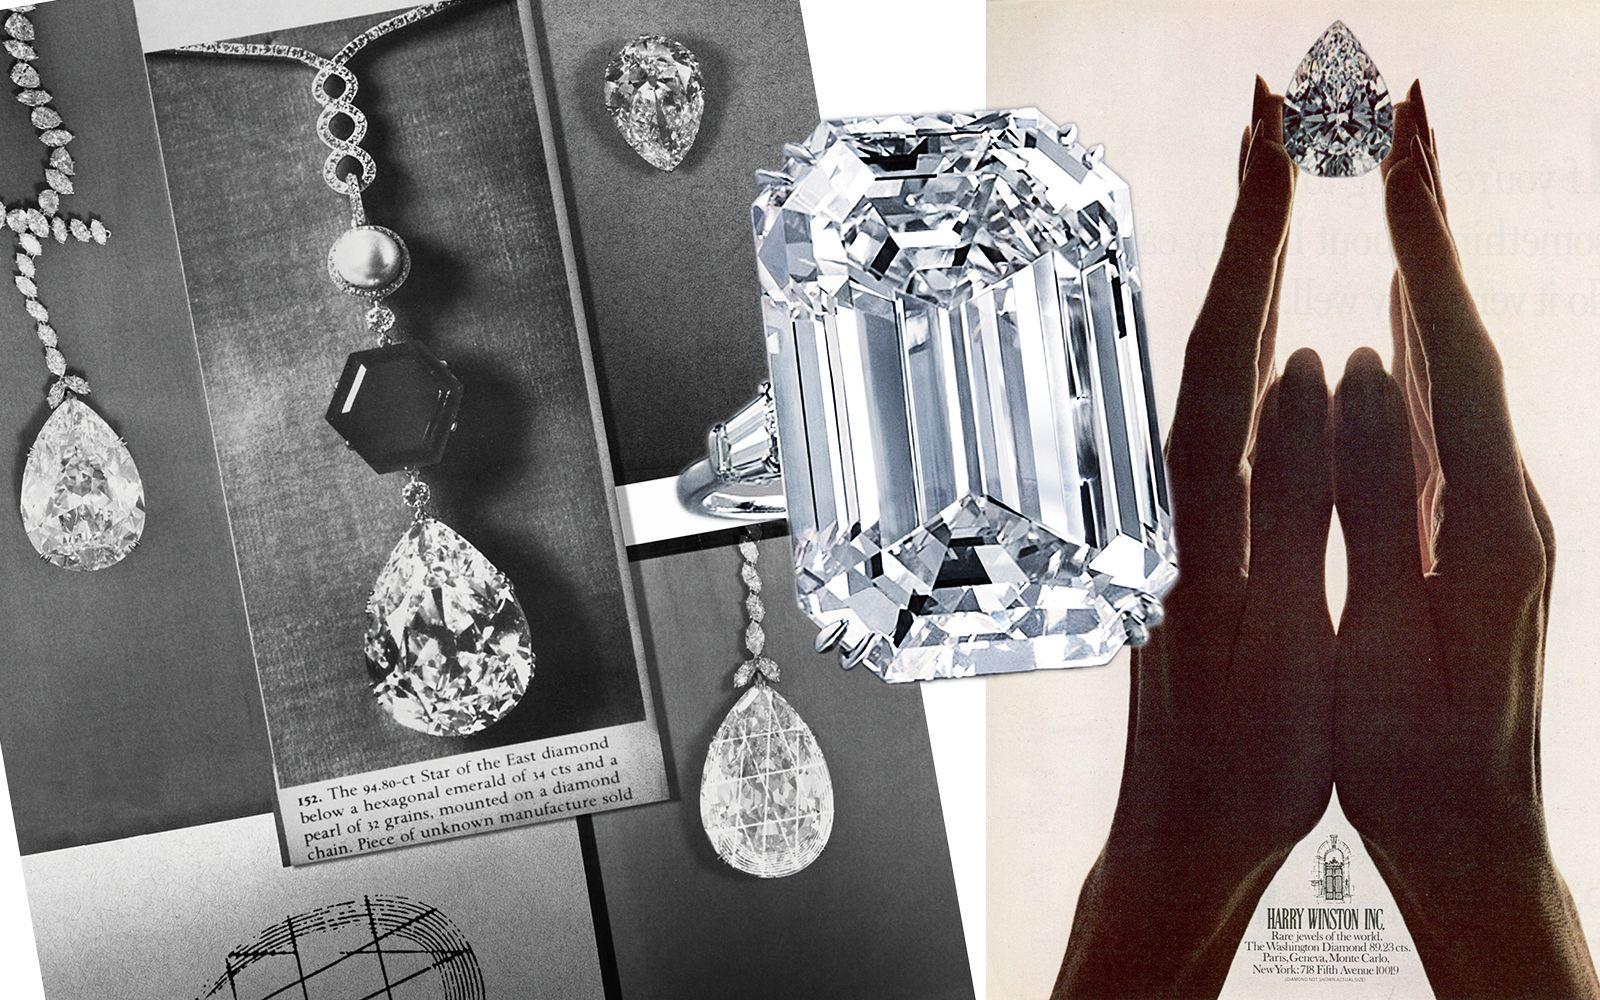 鑽石之王的珠寶收藏超狂!歷史名鑽都跟他有關~細數珠寶史上7個傳奇名鑽的故事